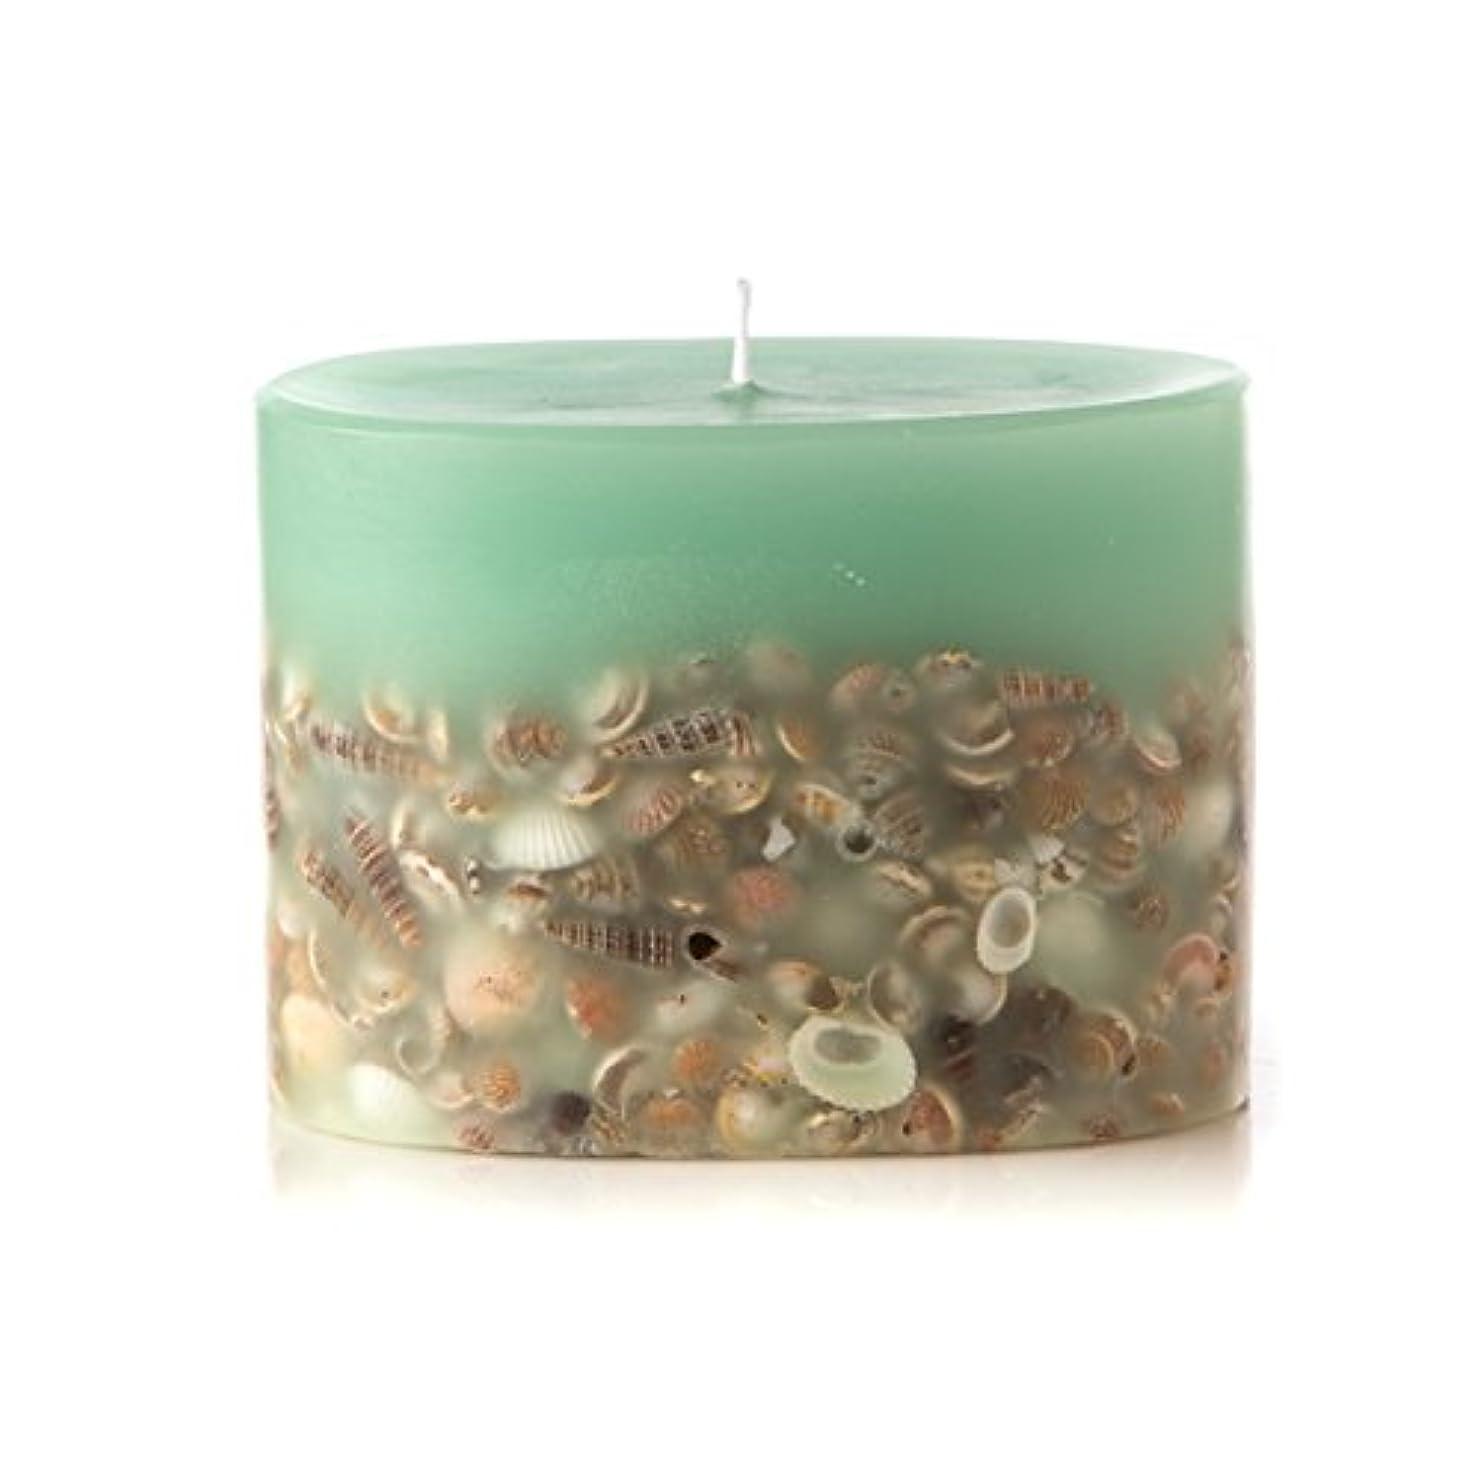 夜明け不規則なぼかしロージーリングス プティボタニカルキャンドル シーグラス ROSY RINGS Petite Oval Botanical Candle Sea Glass